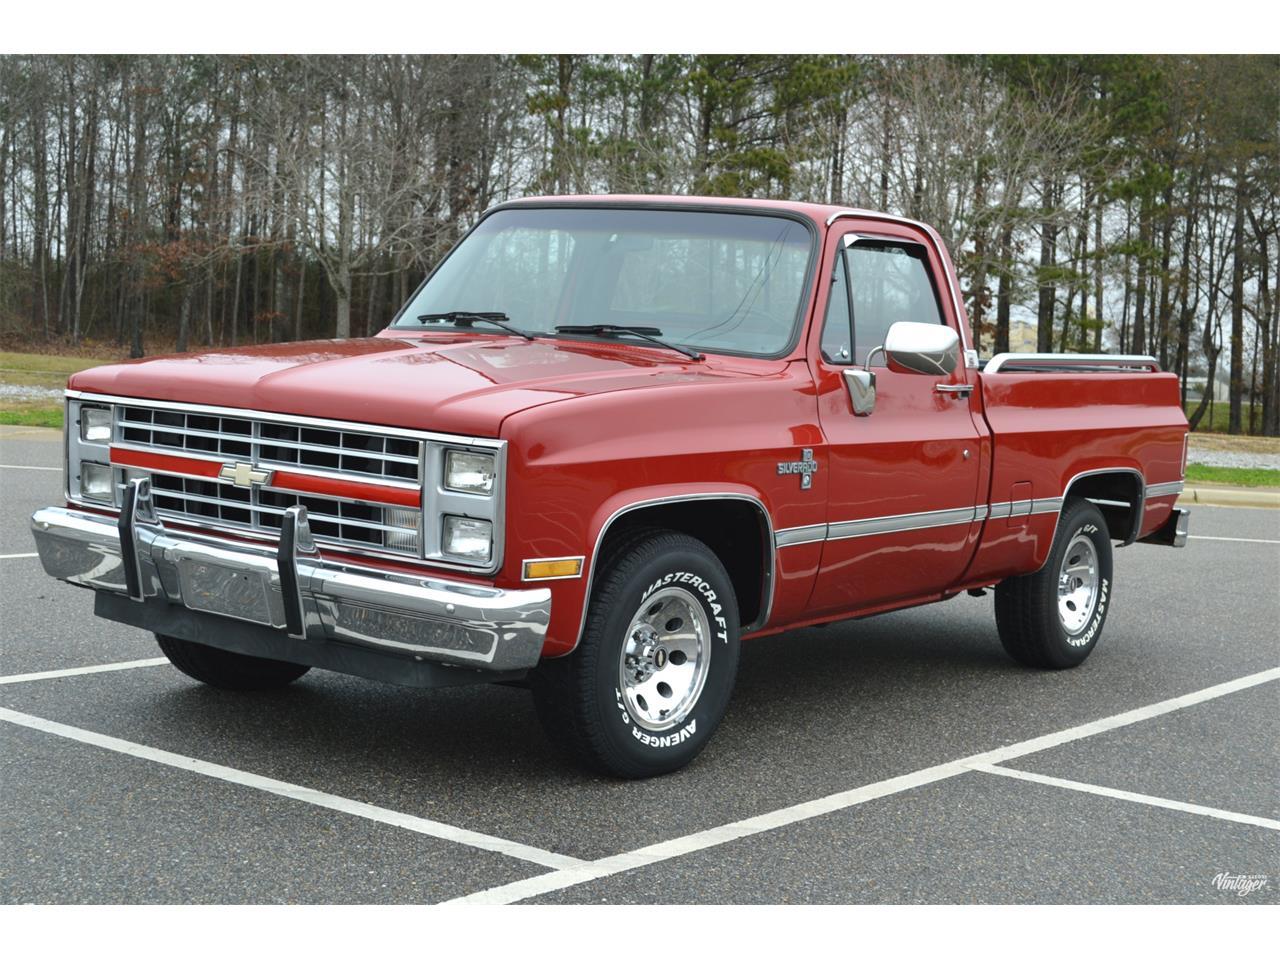 1987 Chevrolet Silverado For Sale Classiccars Com Cc 1010542